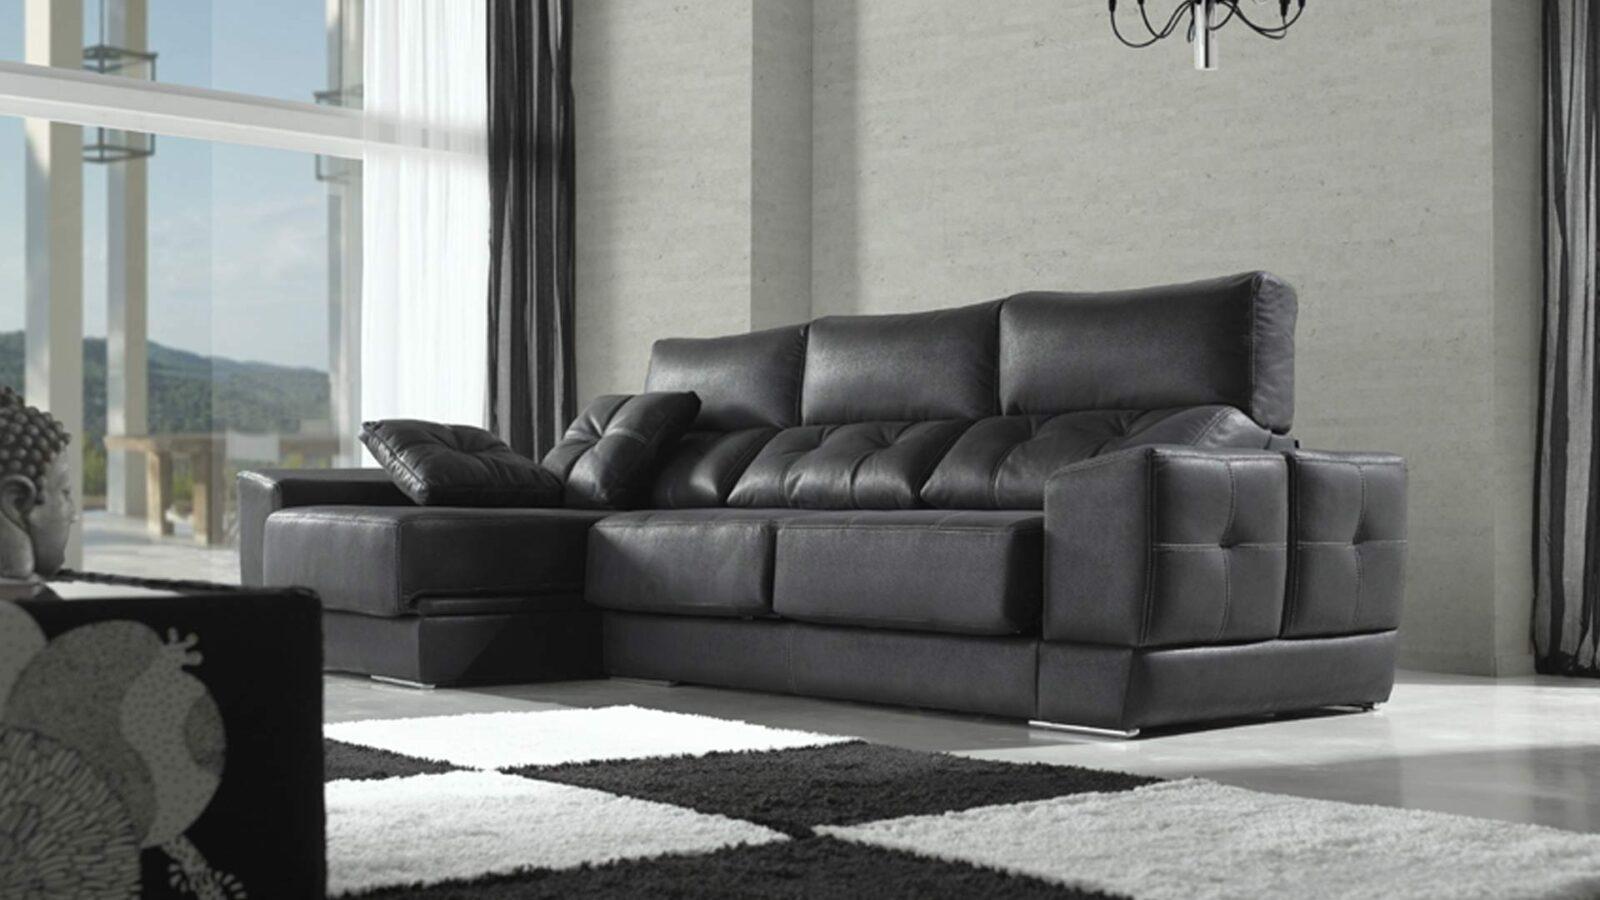 Sofá masconfort especial con posibilidad de chaiselongue en color negro